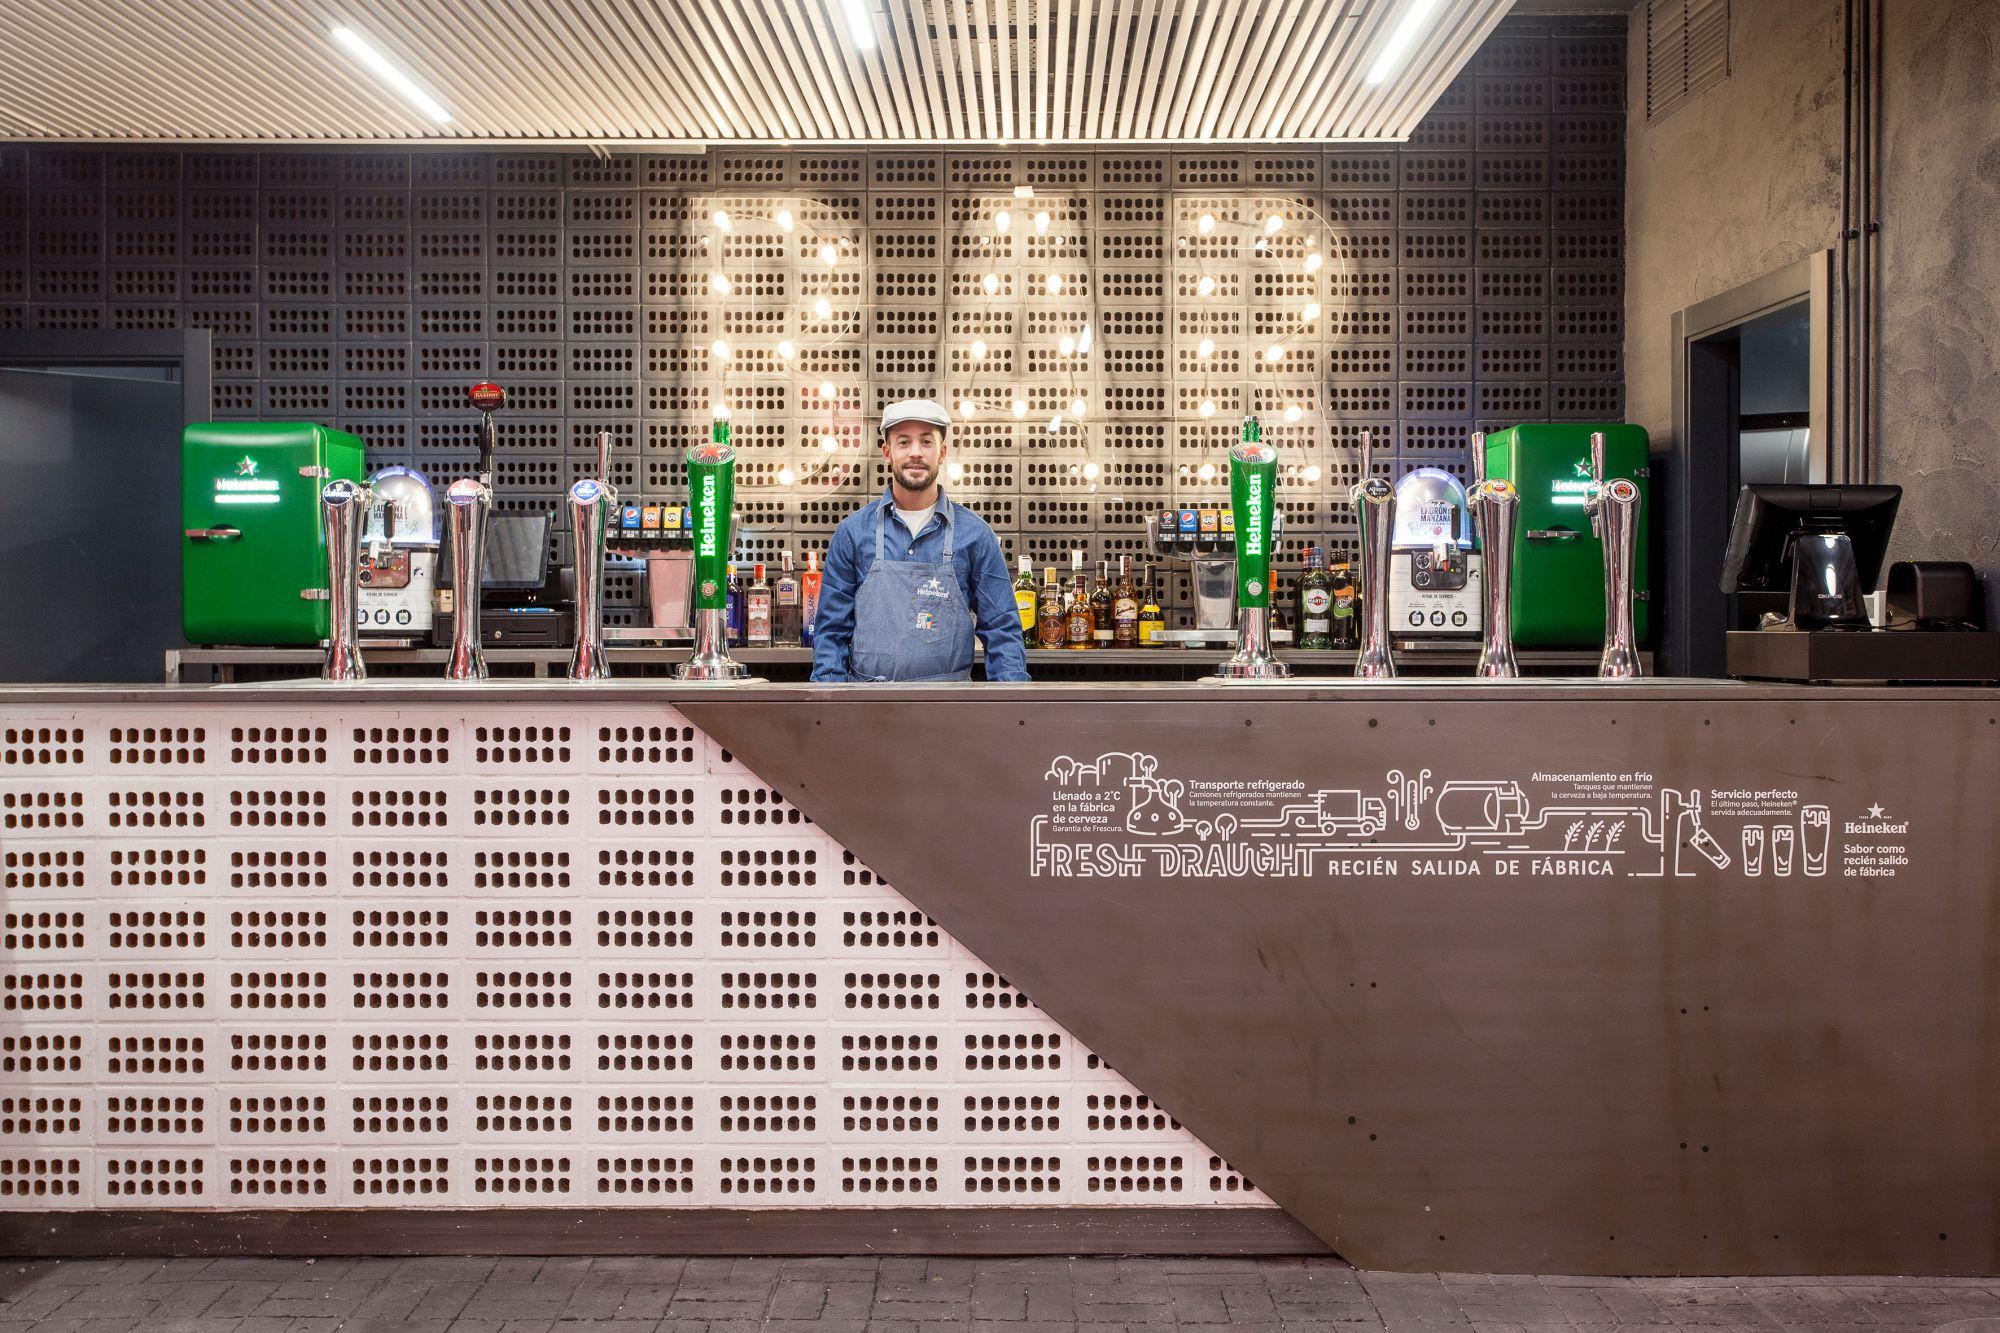 El innovador sistema Fresh Draught traslada la cerveza directamente de la fábrica al vaso. Foto: Mercado San Valero.